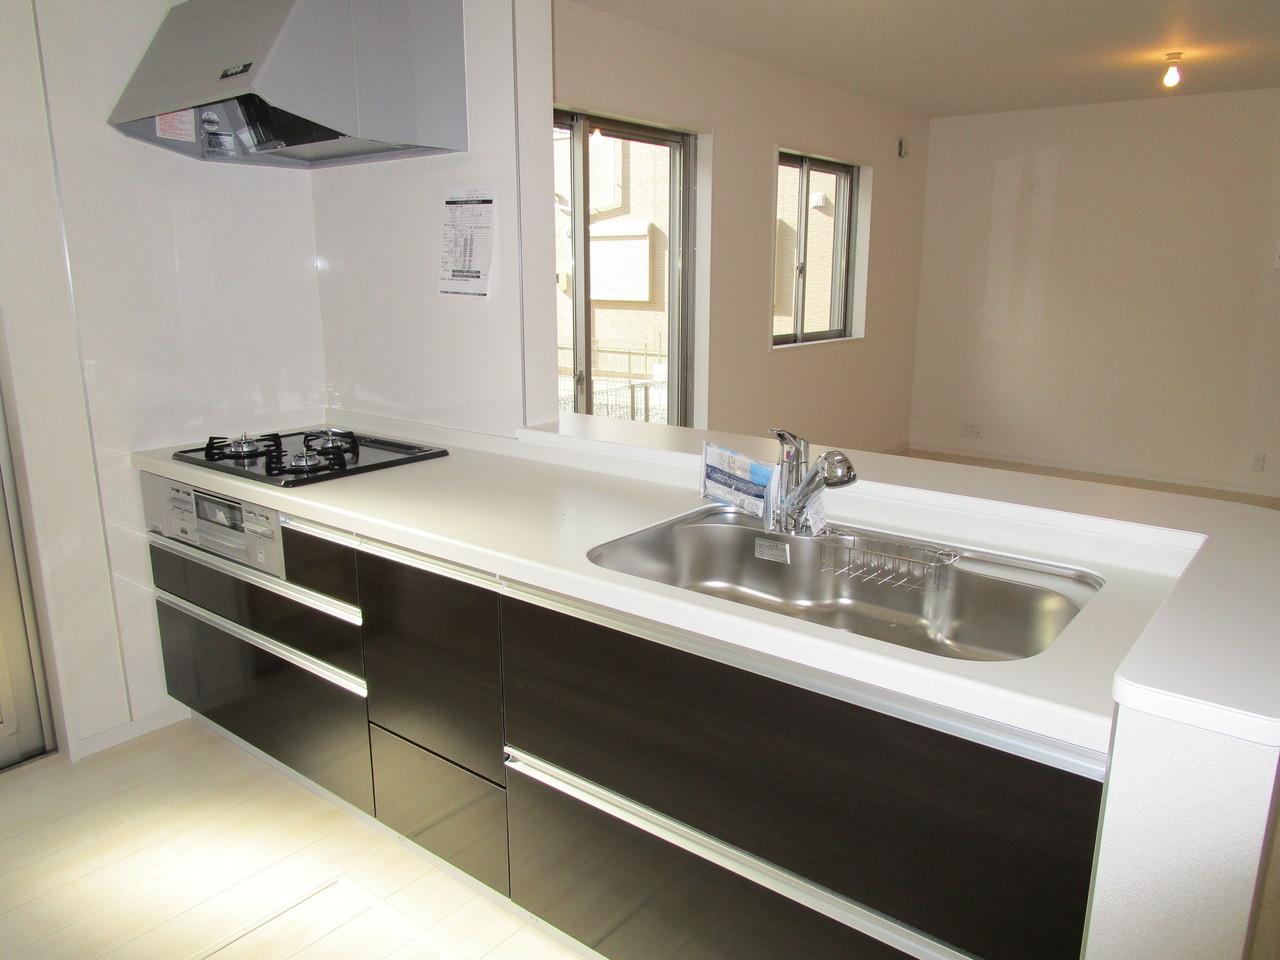 カウンターキッチンには引き出しタイプ収納がたくさん、使いやすいです。